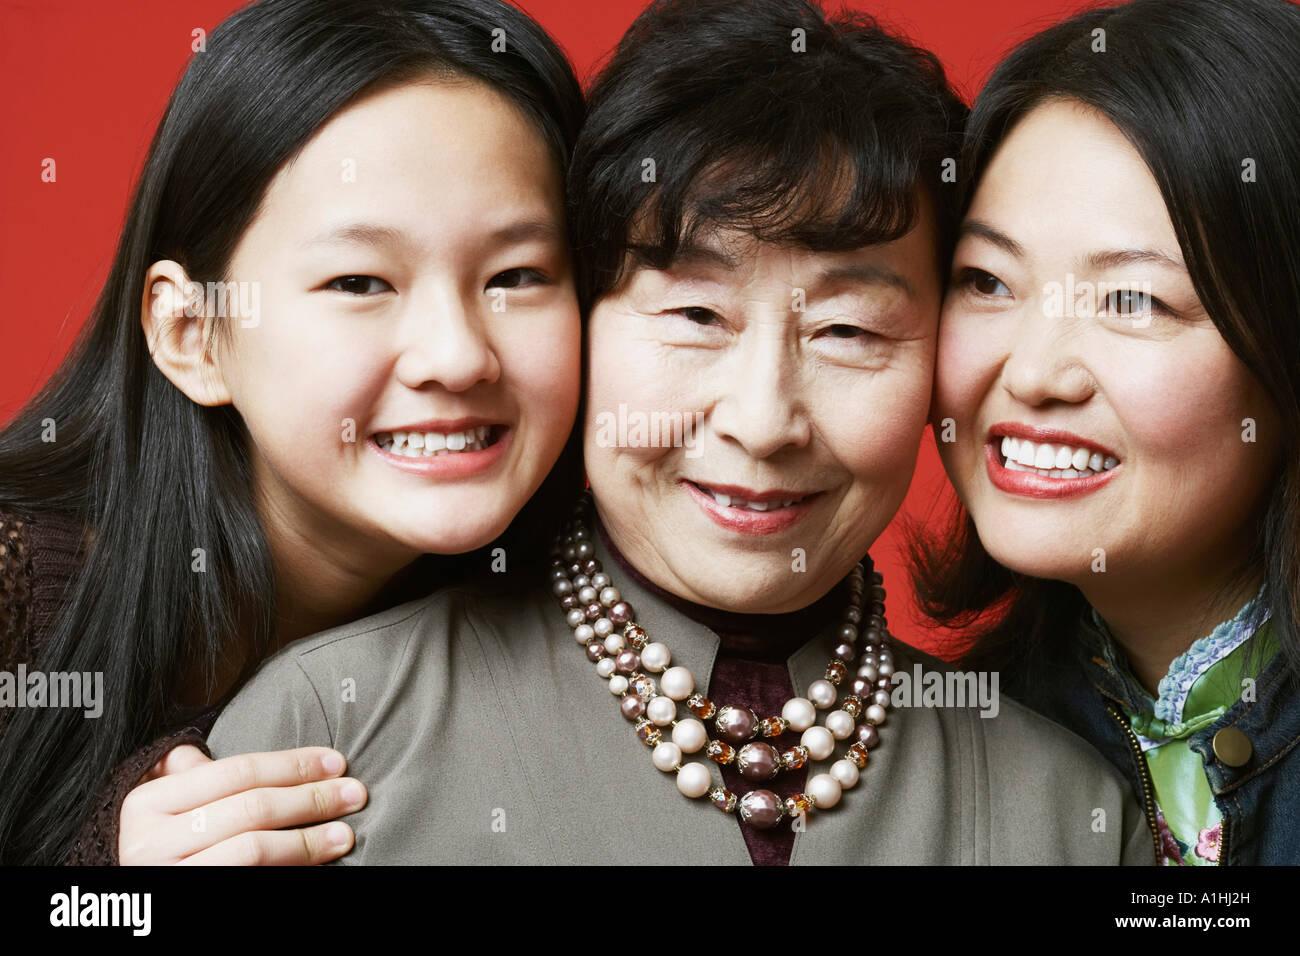 Ritratto di una nonna e la nipote sorridente Immagini Stock